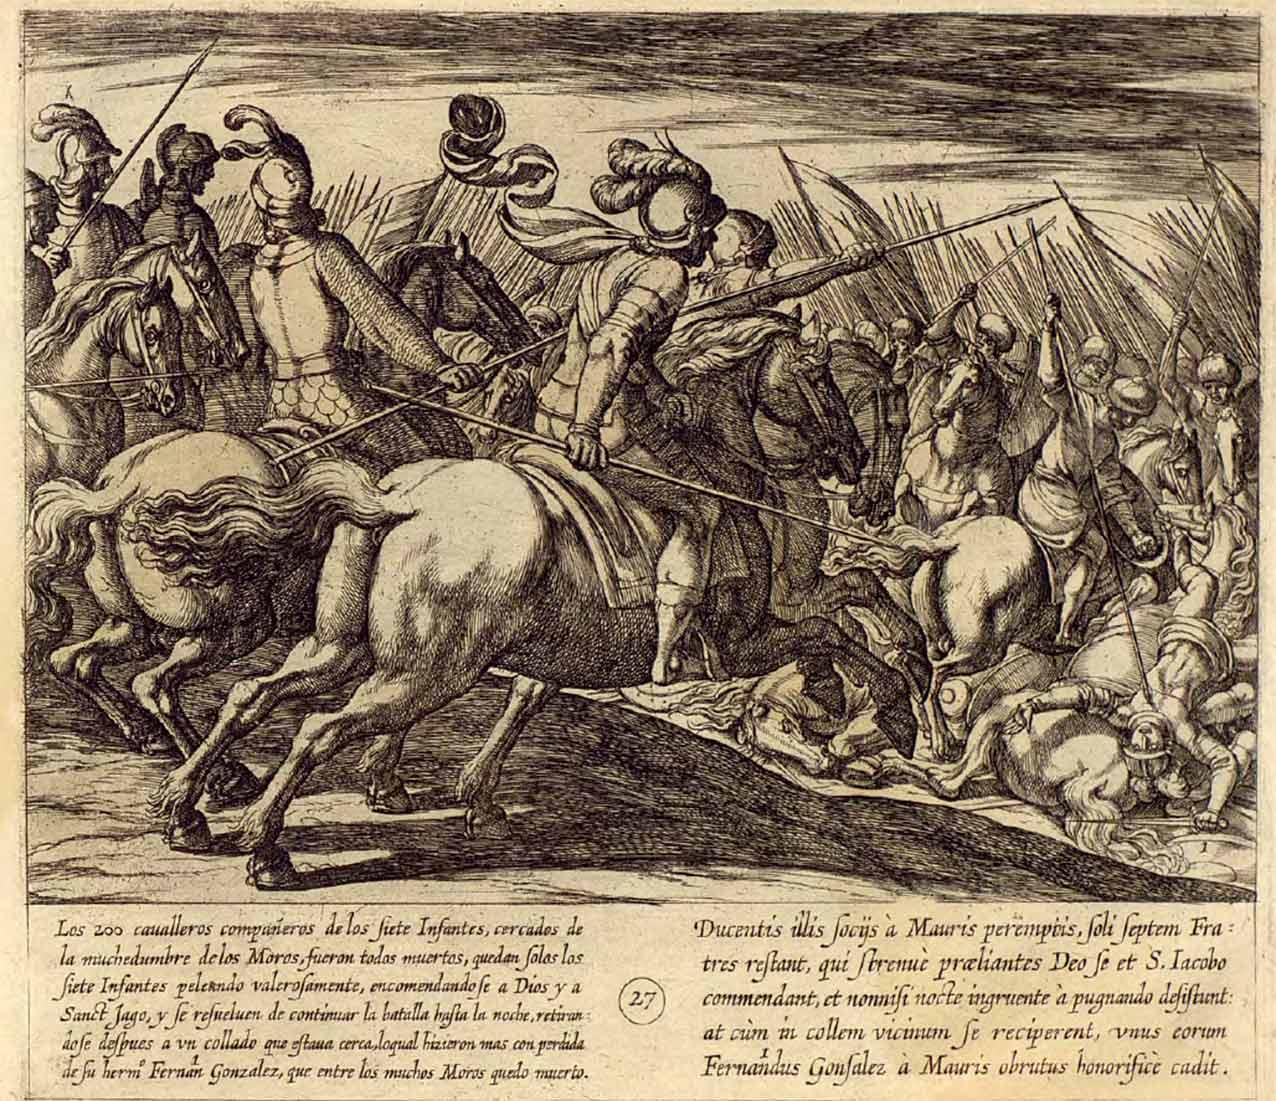 Batalla-de-los-Siete-Infantes-de-Lara